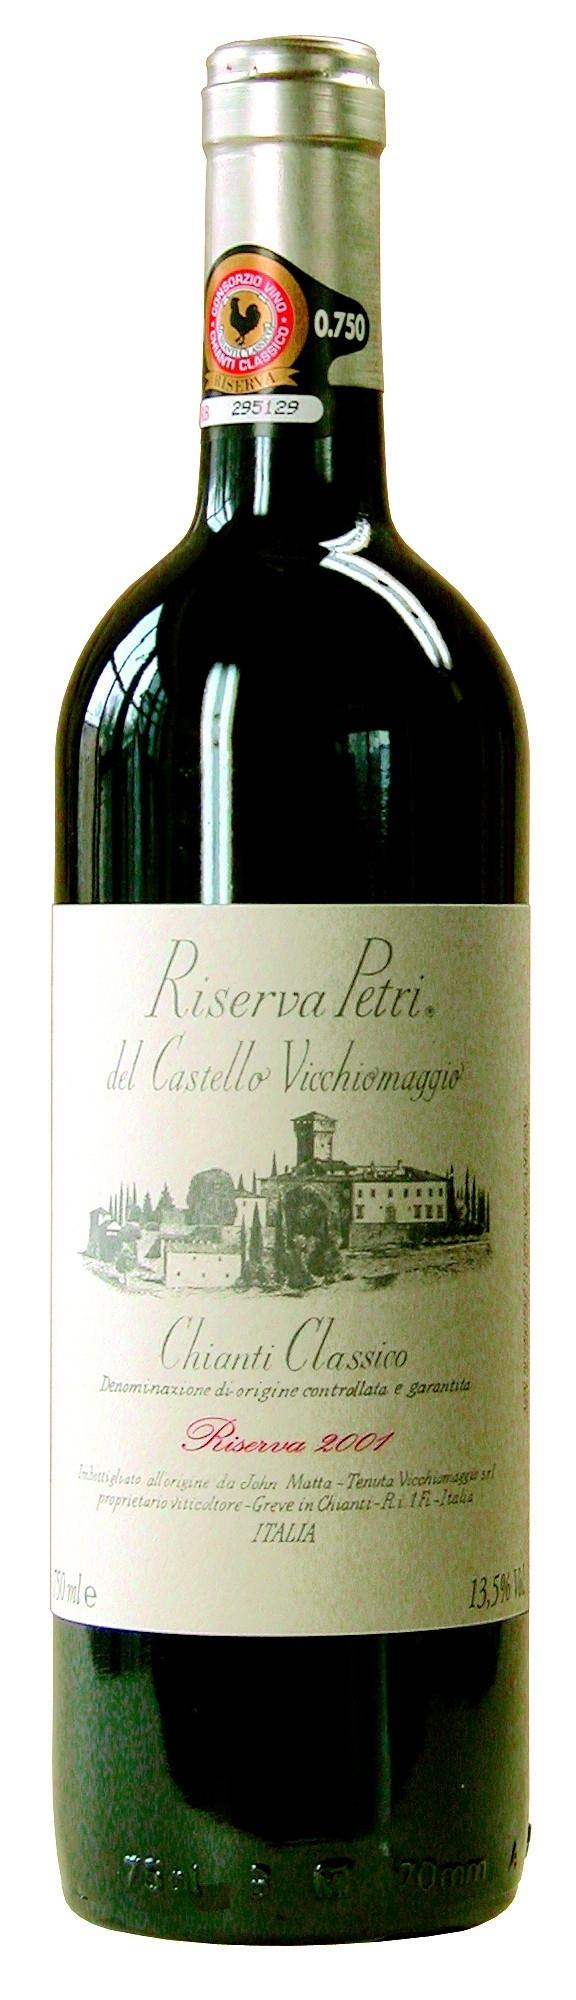 Vicchiomaggio Agostino Petri Chianti classico riserva